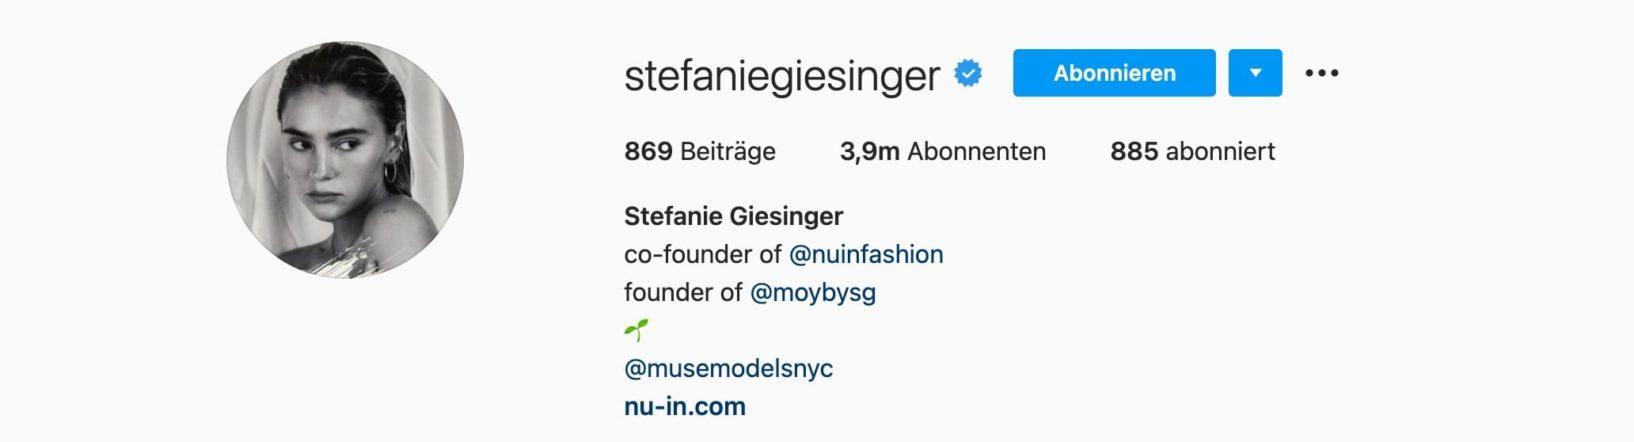 Top-7-Instagram-Influencer-Stefanie-Giesinger-Einstein1